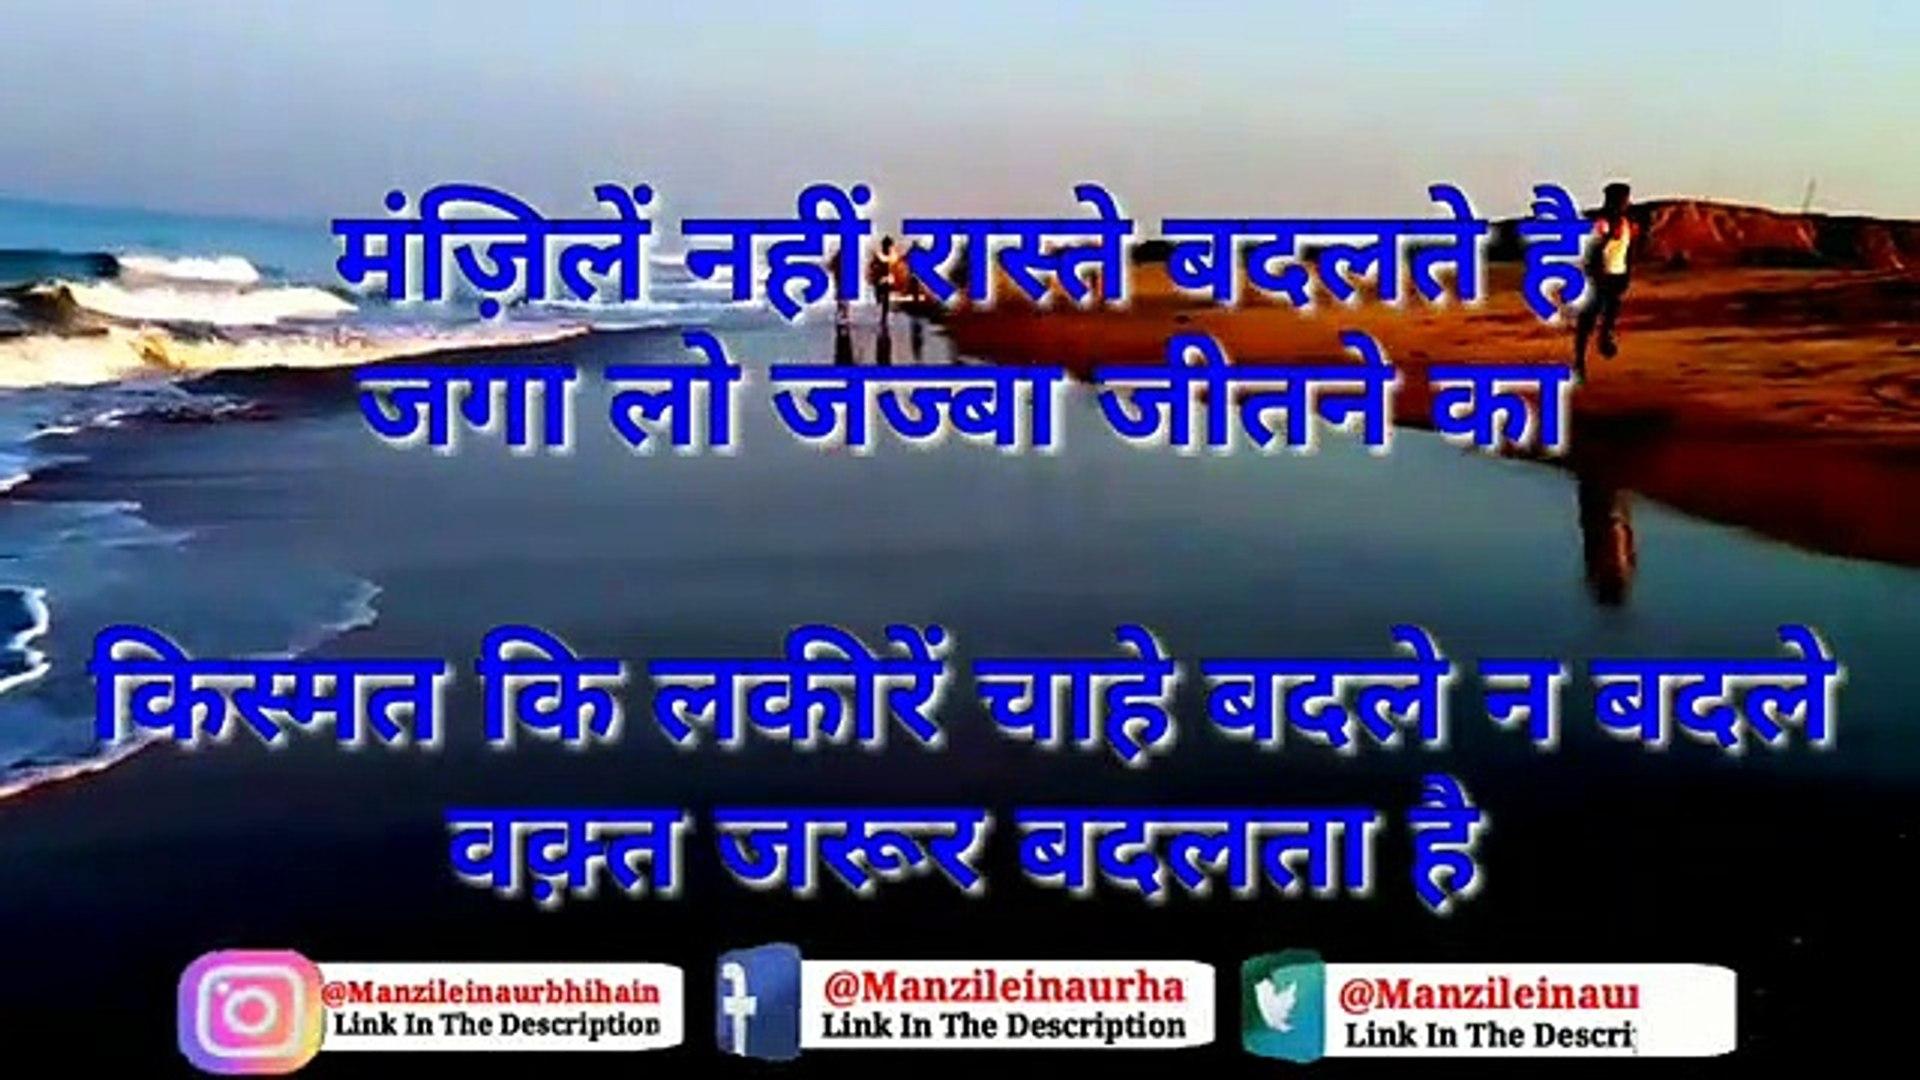 motivational video | shayari in hindi | anmol vichar in hindi | Prat 6 | By Manzilein aur bhi hain